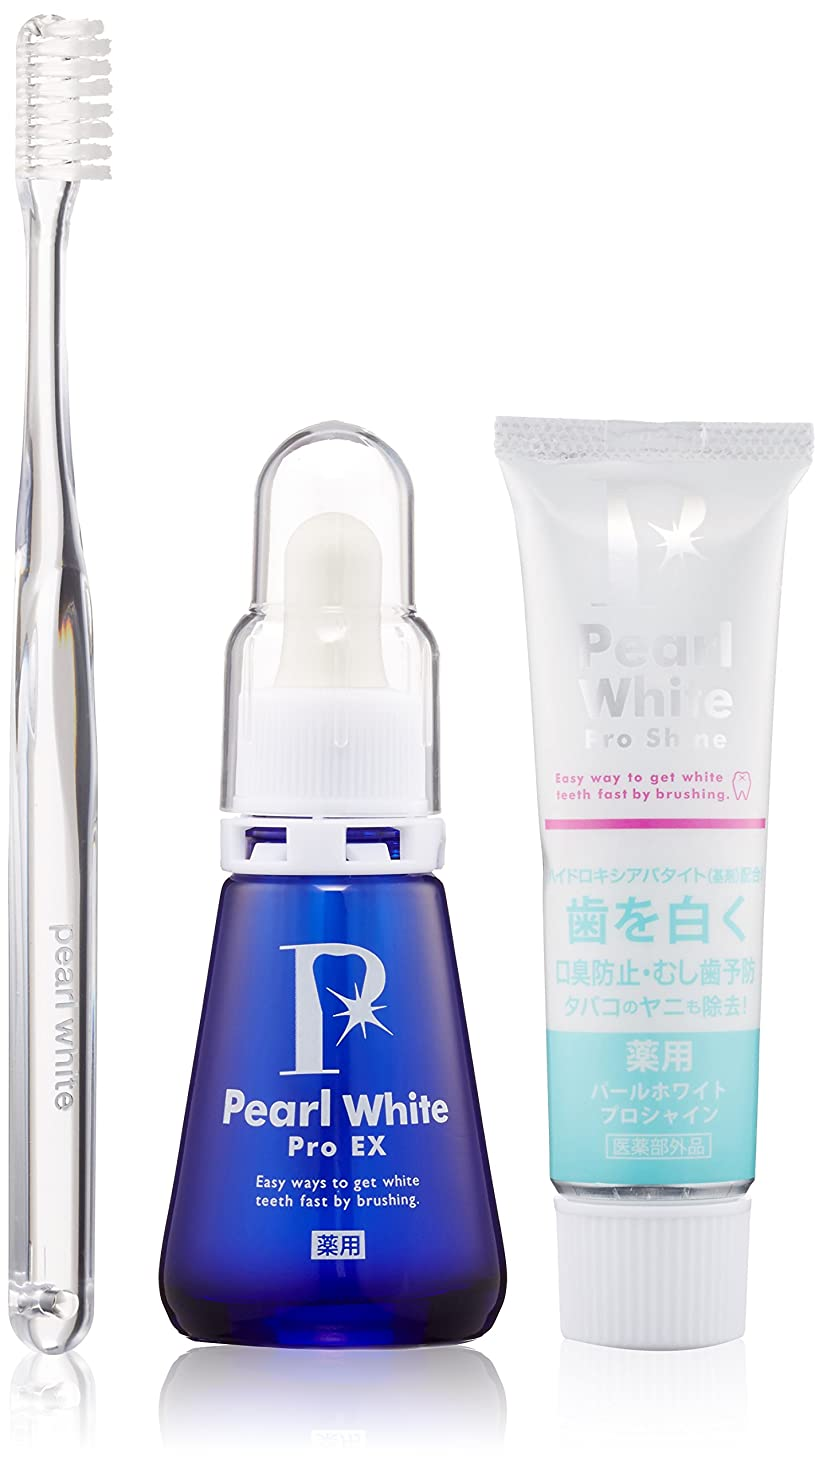 返済ほとんどの場合ラインナップPearl White 薬用パール ホワイト Pro EXプラス1本+ シャイン40g+専用歯ブラシ 限定セット ホワイトニング